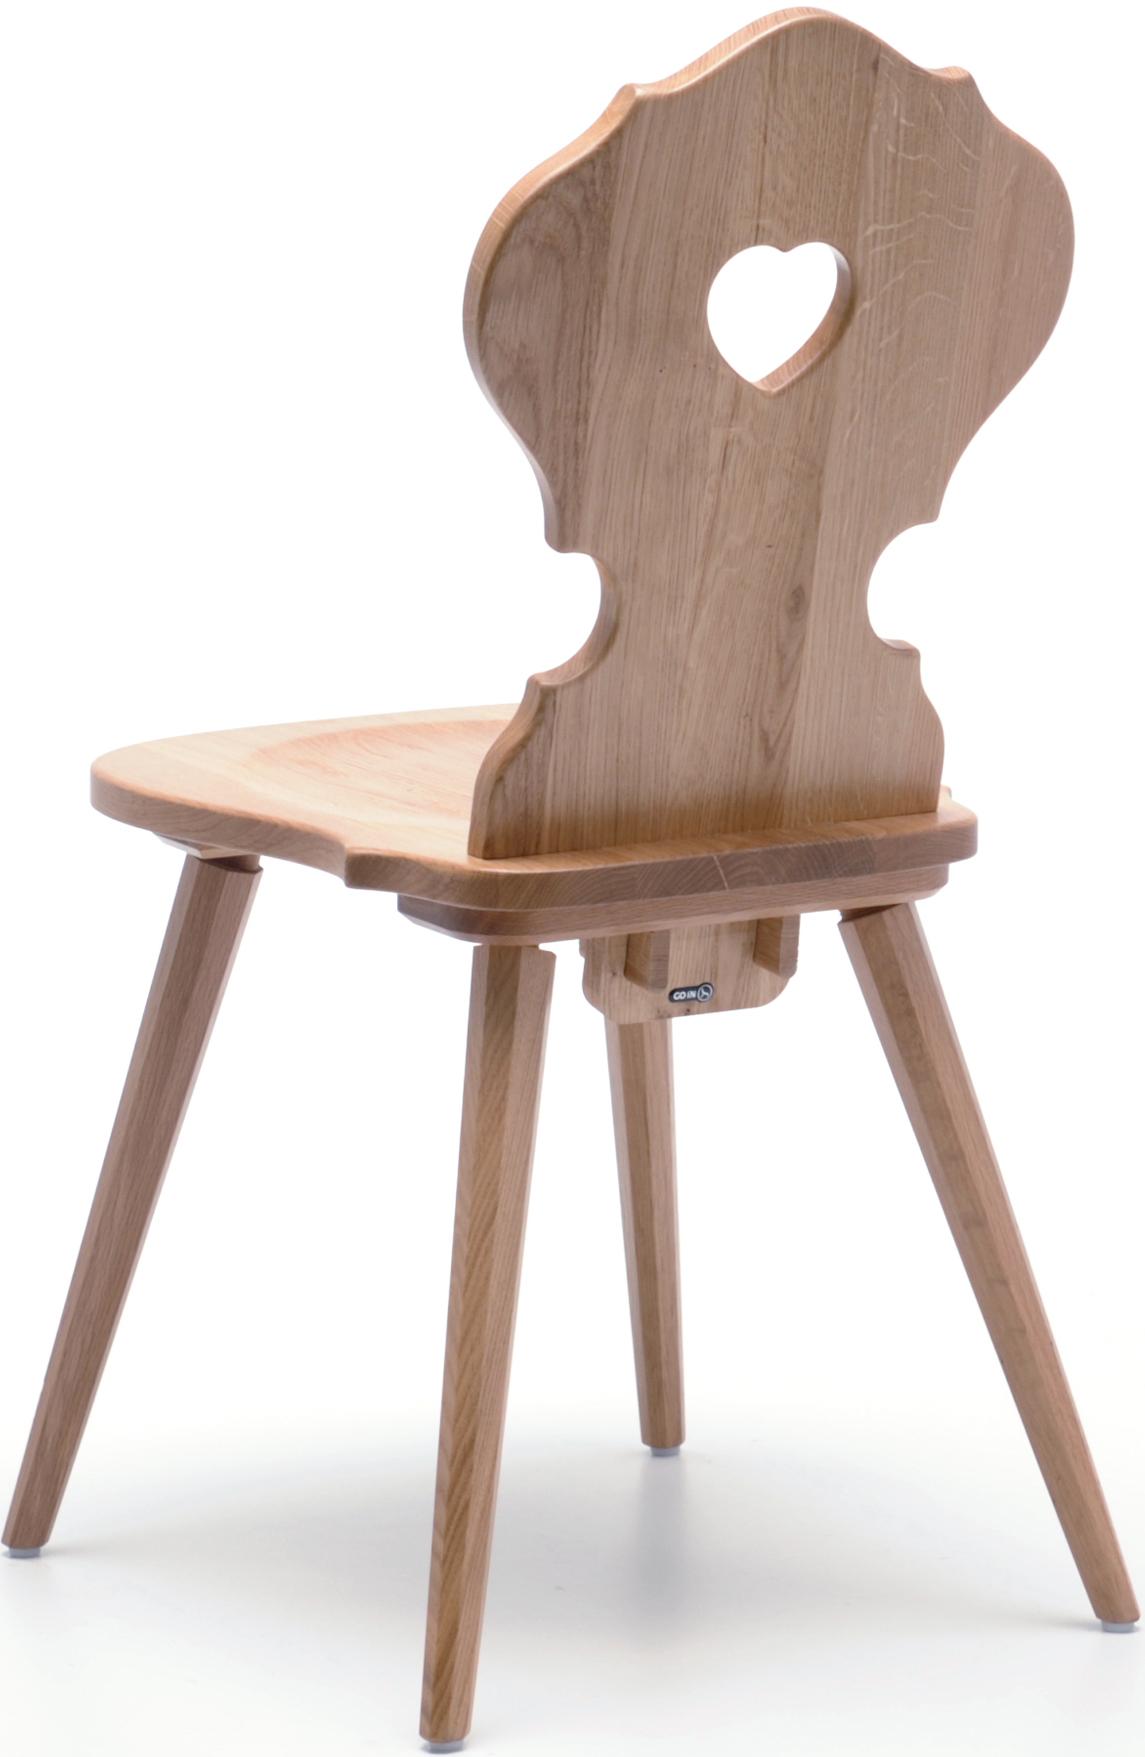 Abbildung chair Heidy Schrägansicht